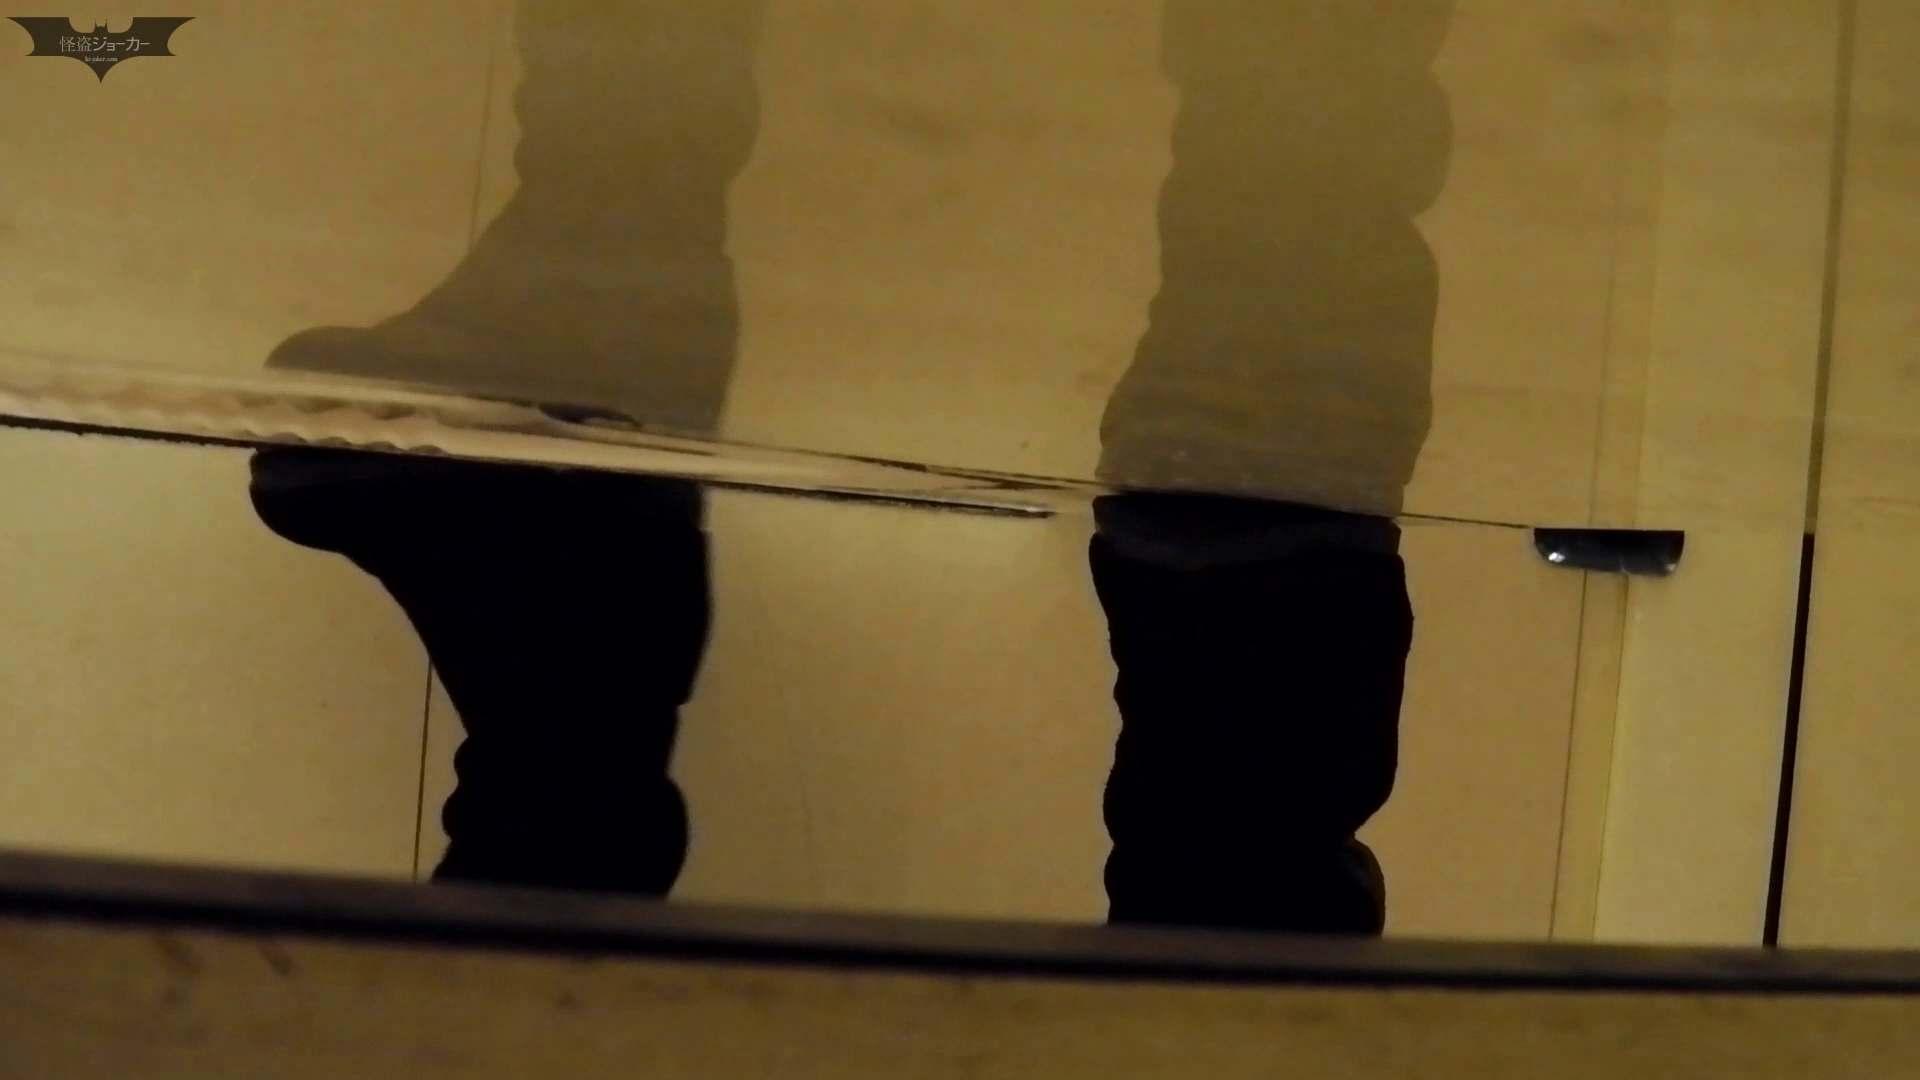 新世界の射窓 No64日本ギャル登場か?ハイヒール大特集! 洗面所着替え   ギャル・コレクション  95連発 49